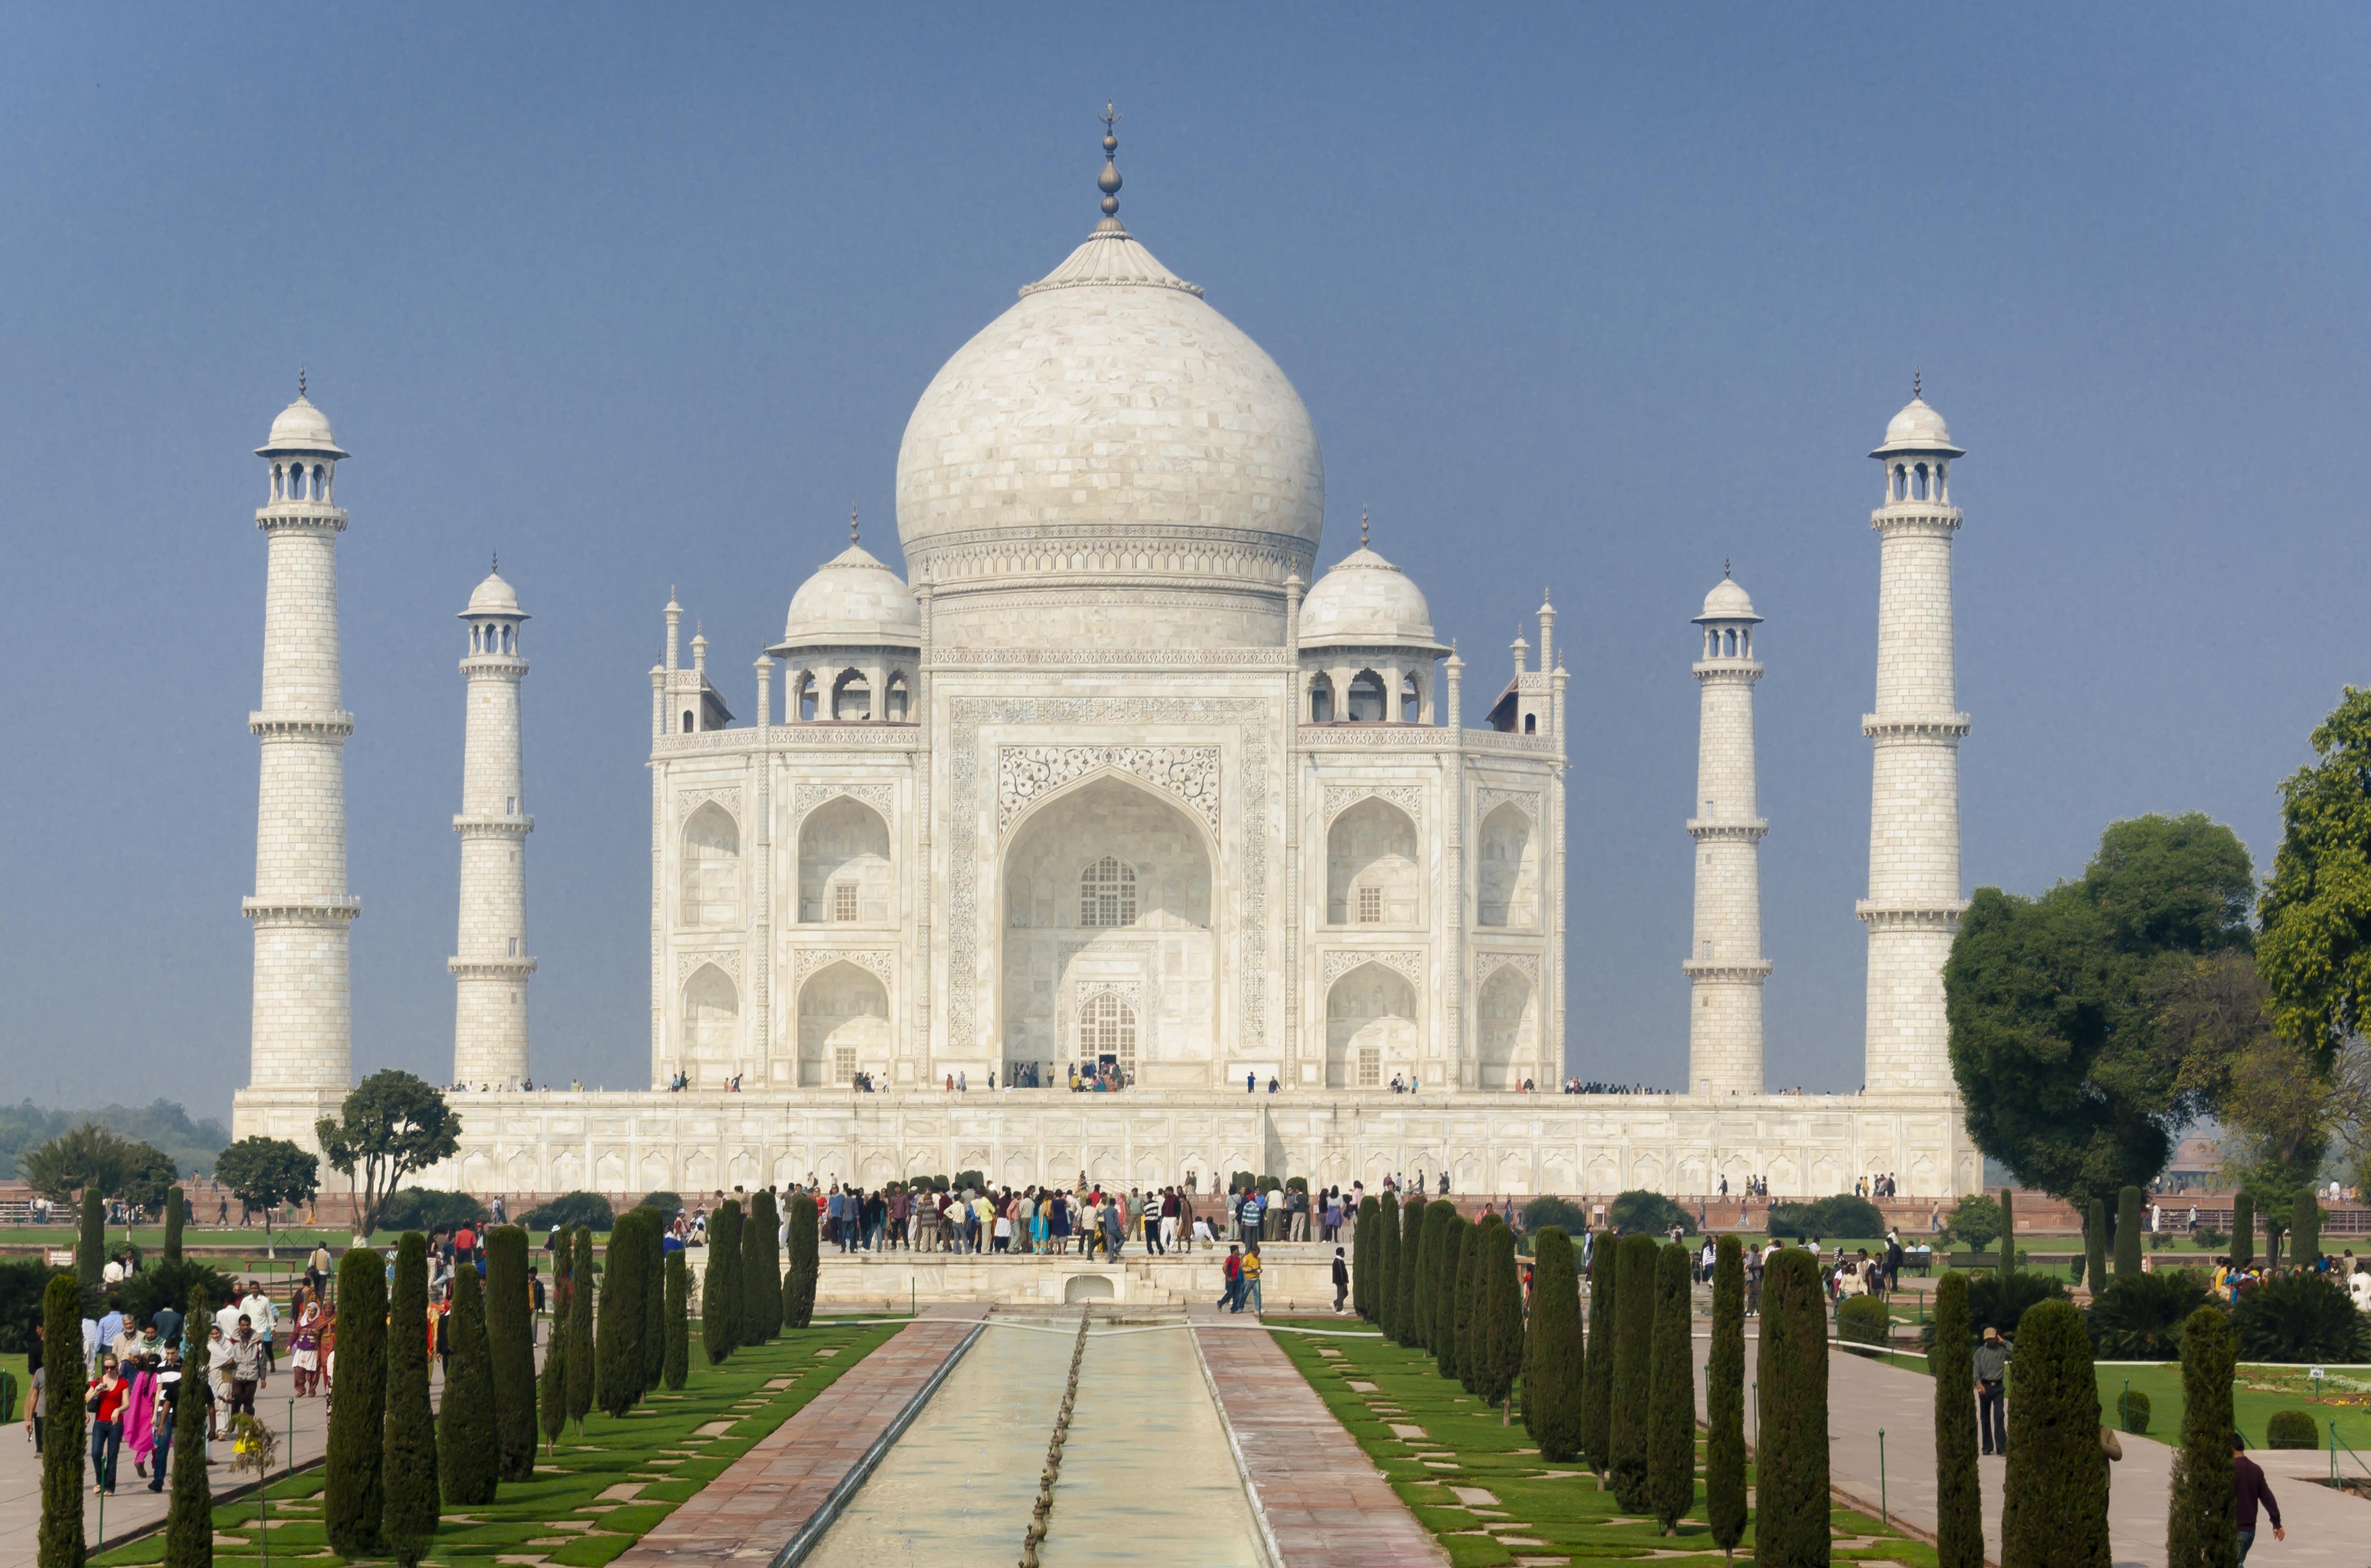 Hat hónap után újra megnyitották a Tadzs Mahalt